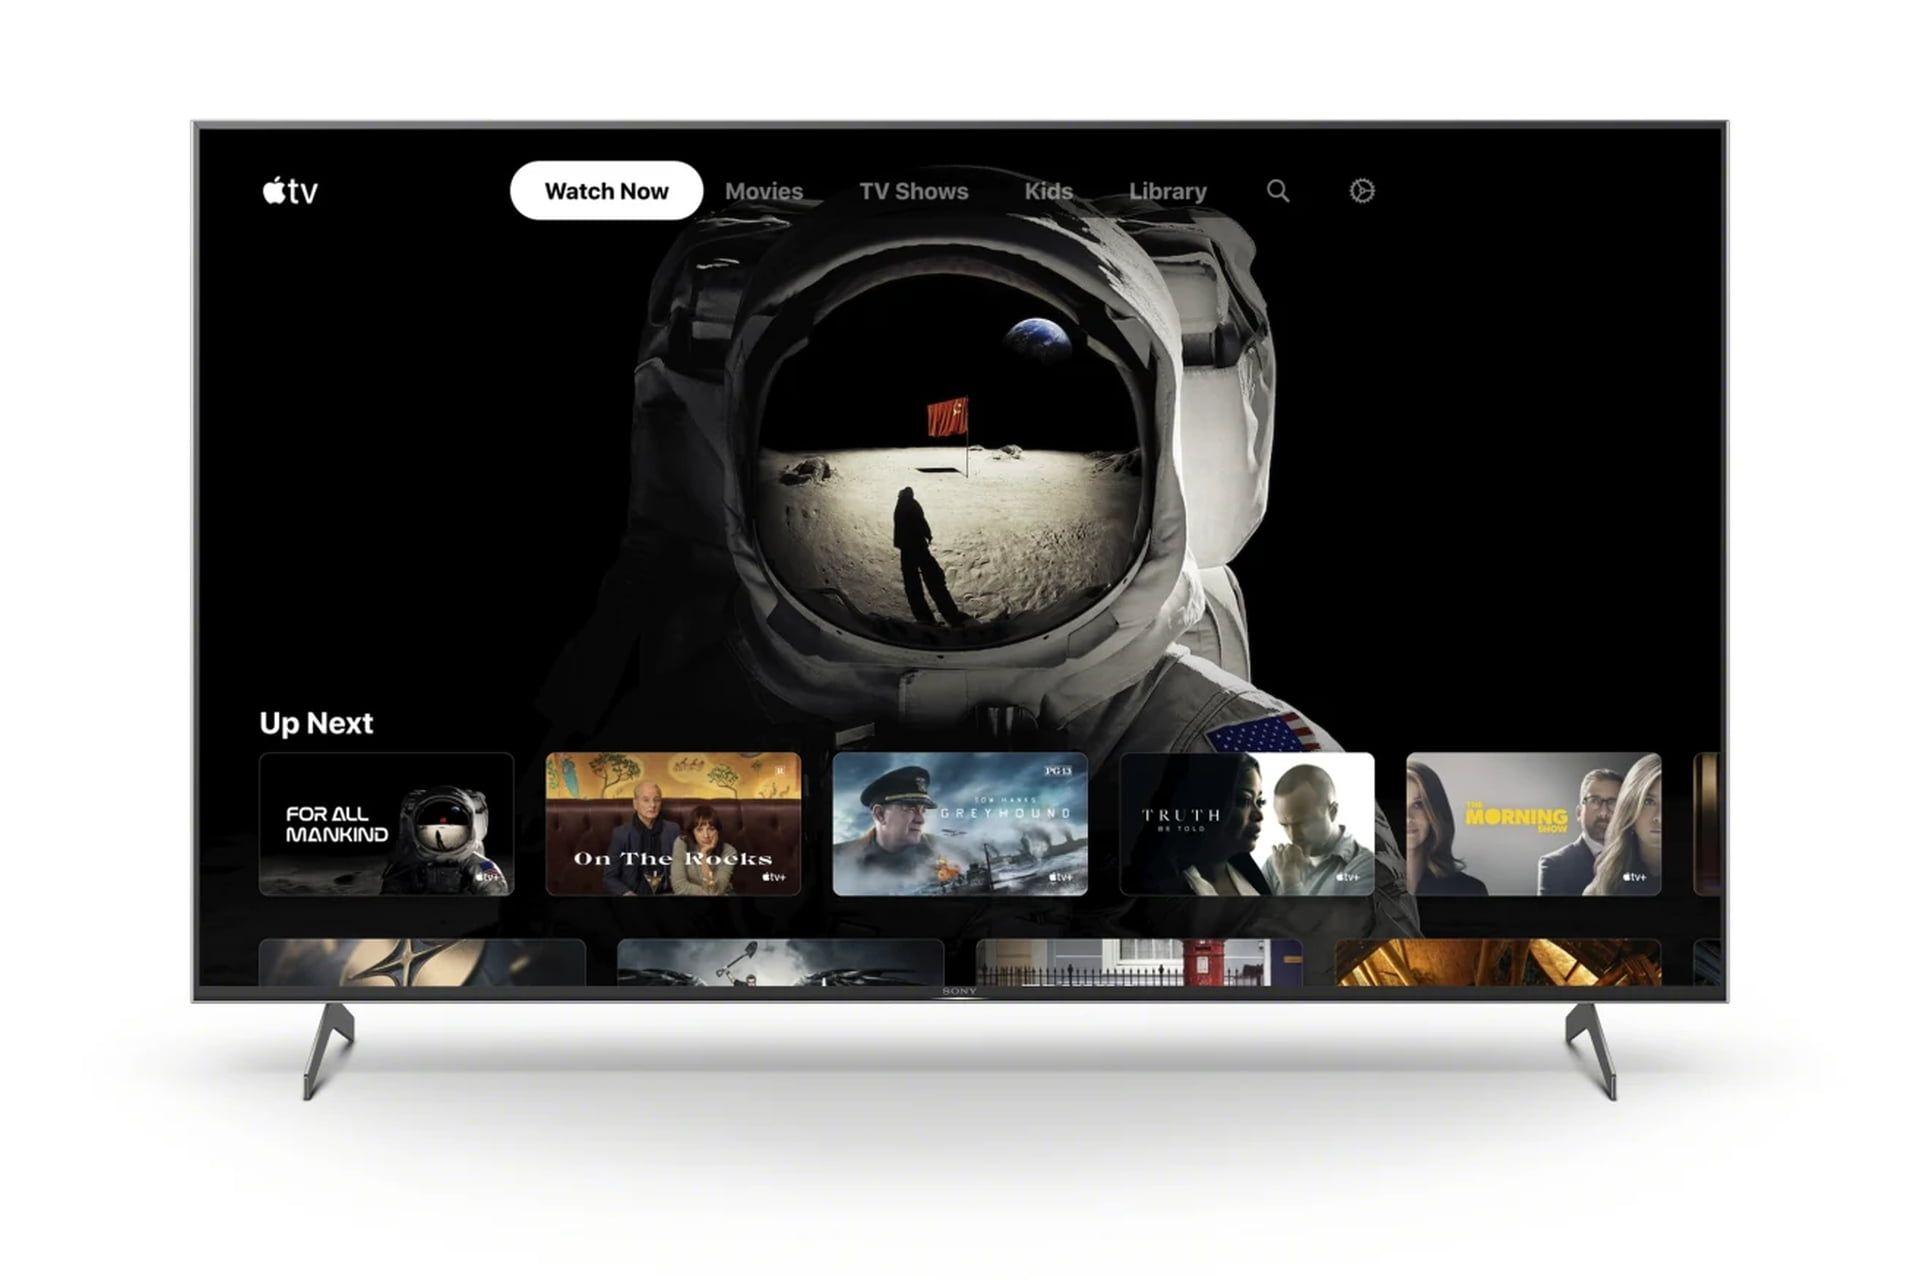 Firma Sony dodała aplikację Apple TV do niektórych telewizorów